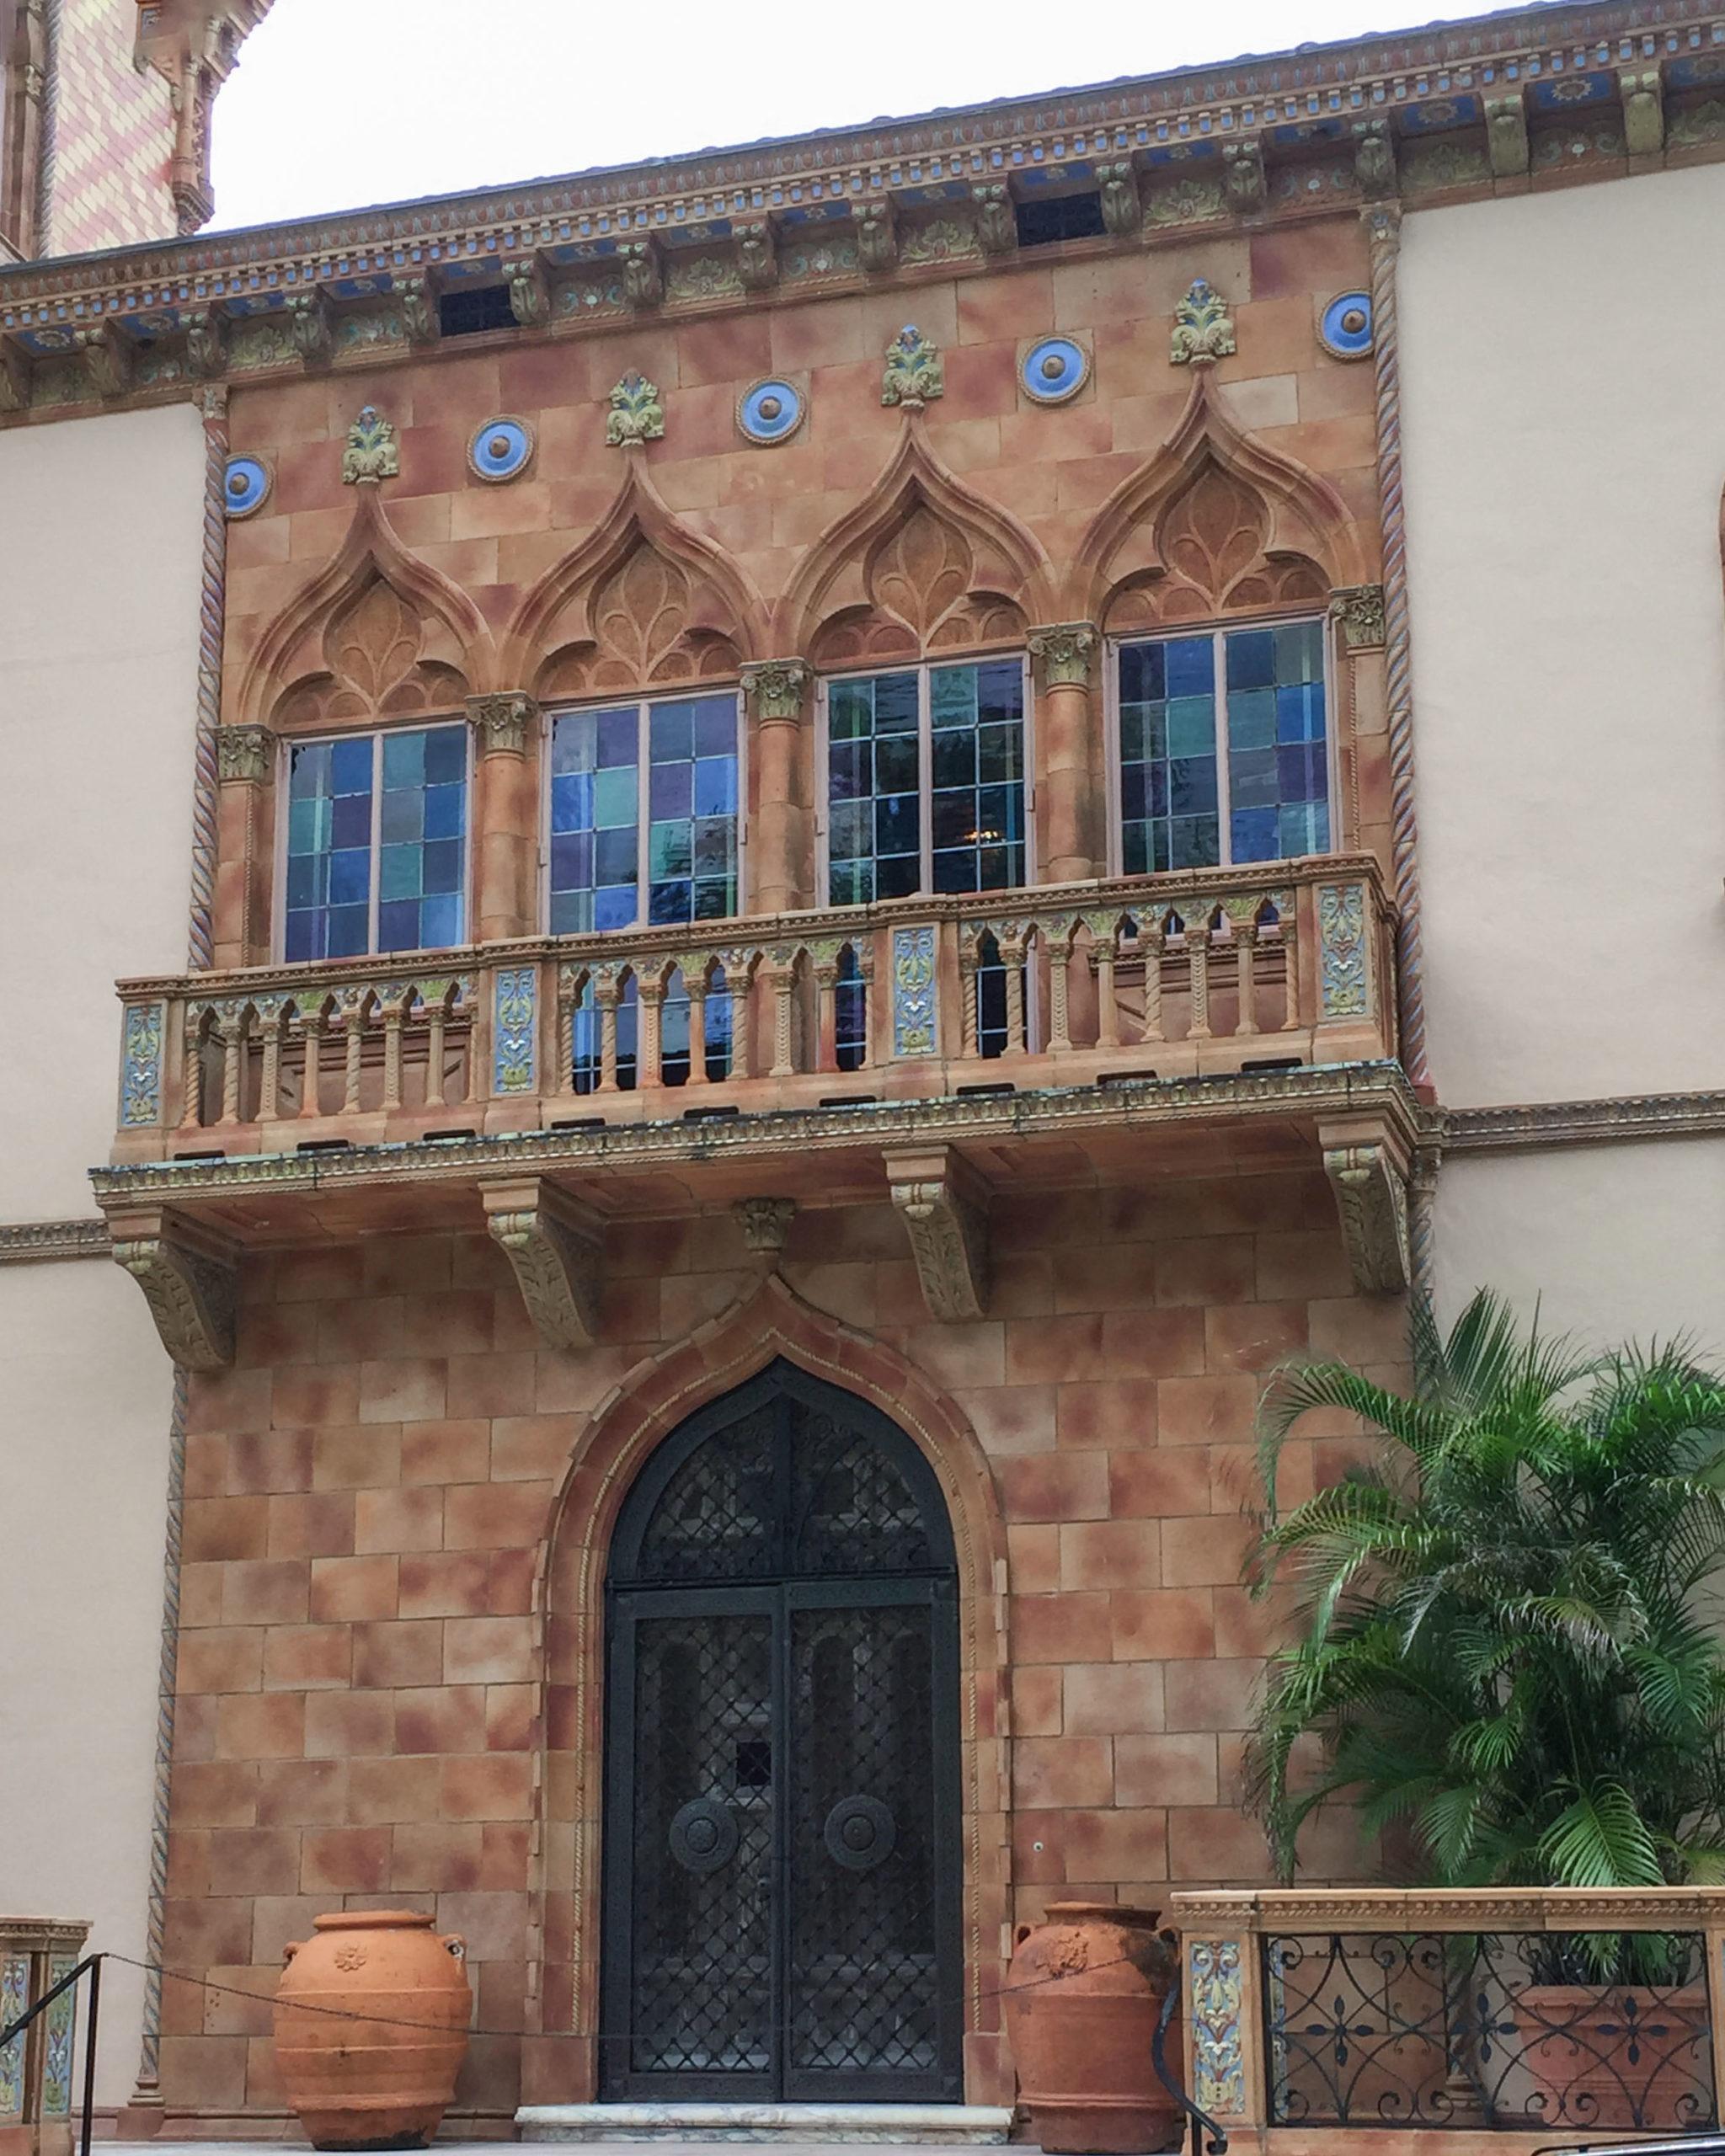 Ca' d'Zan front doors